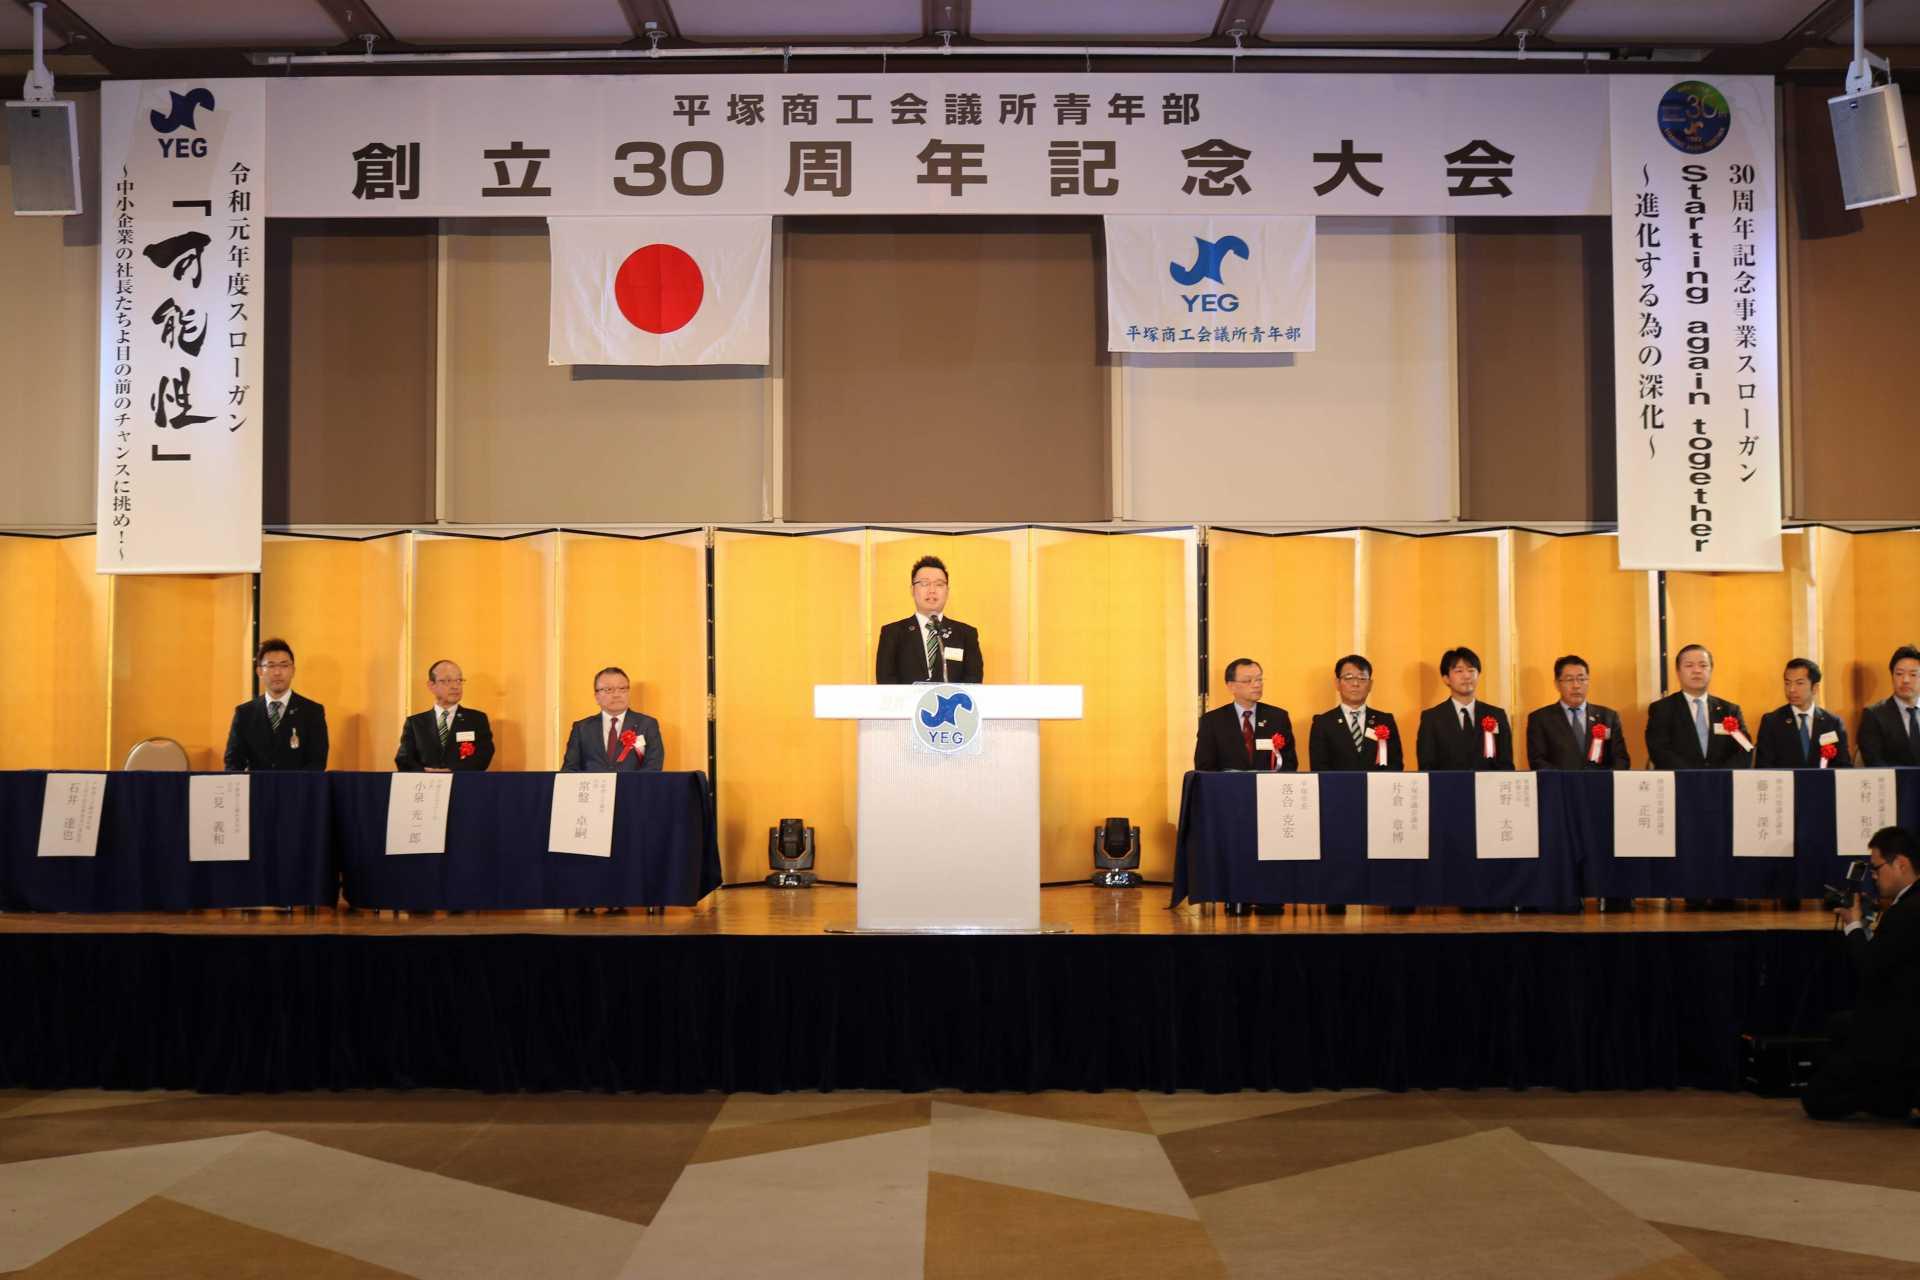 平塚商工会議所青年部創立30周年記念大会 式典